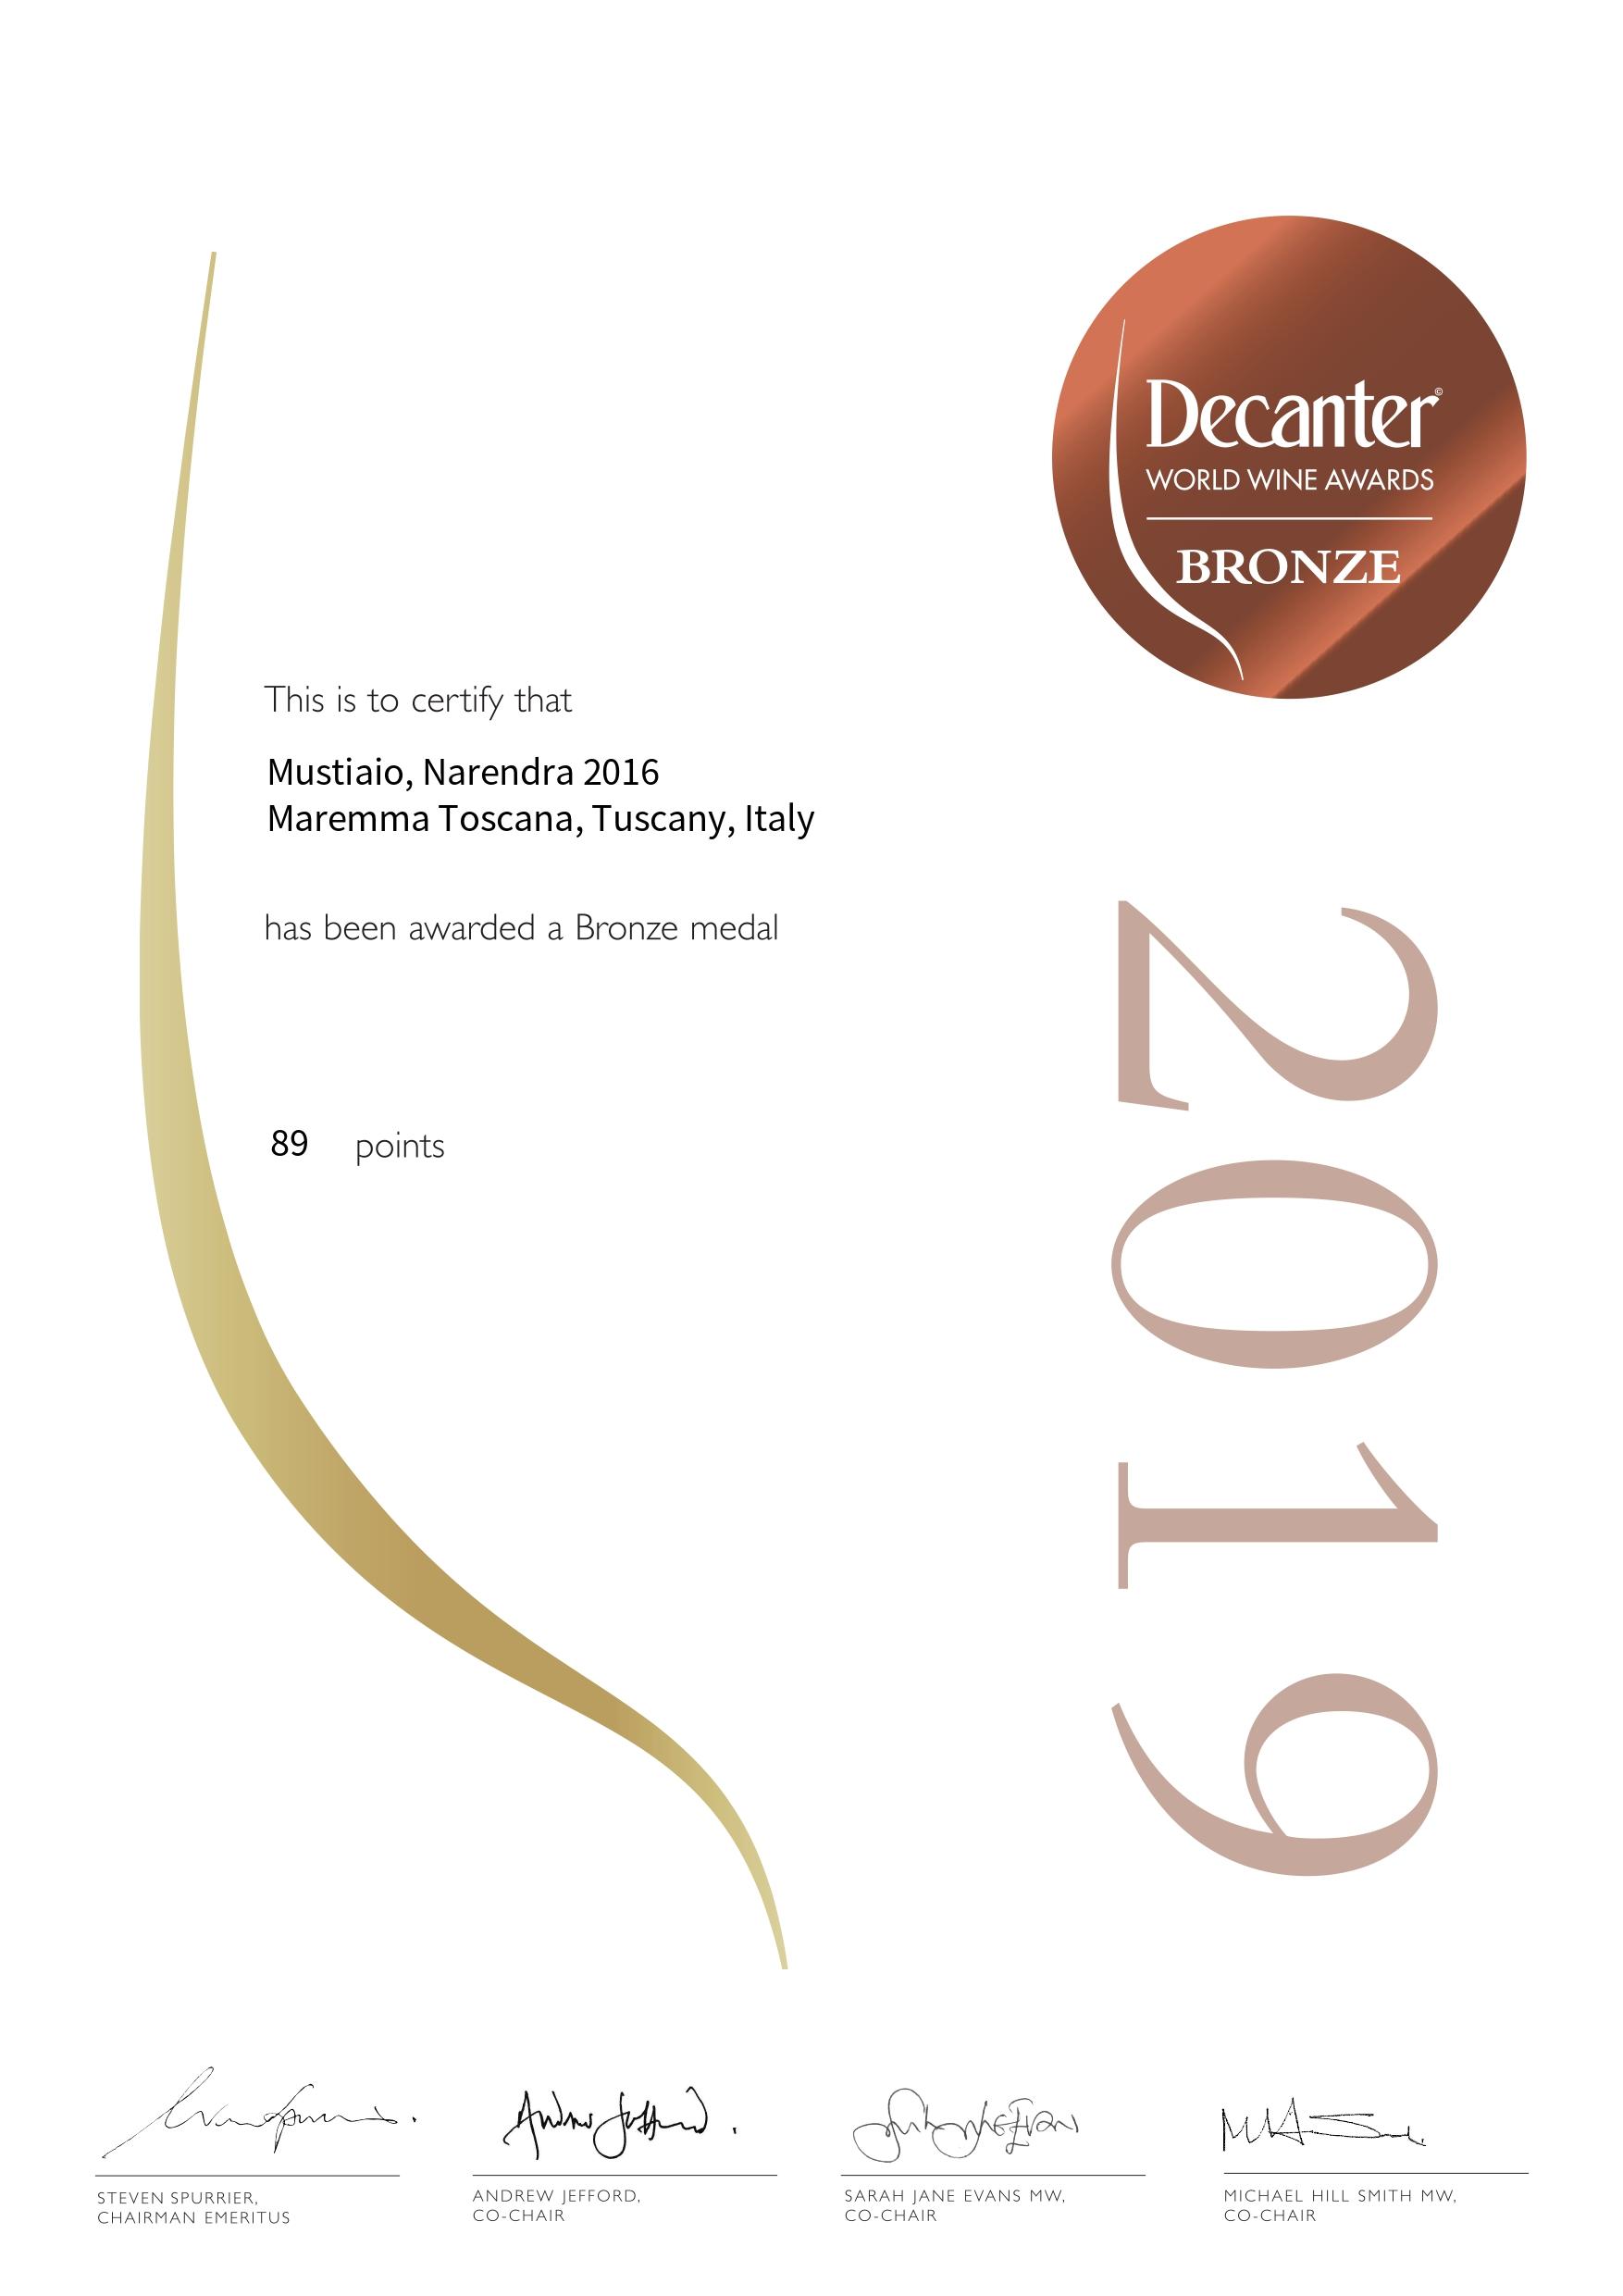 awards-decanter-2013-Baioscuro